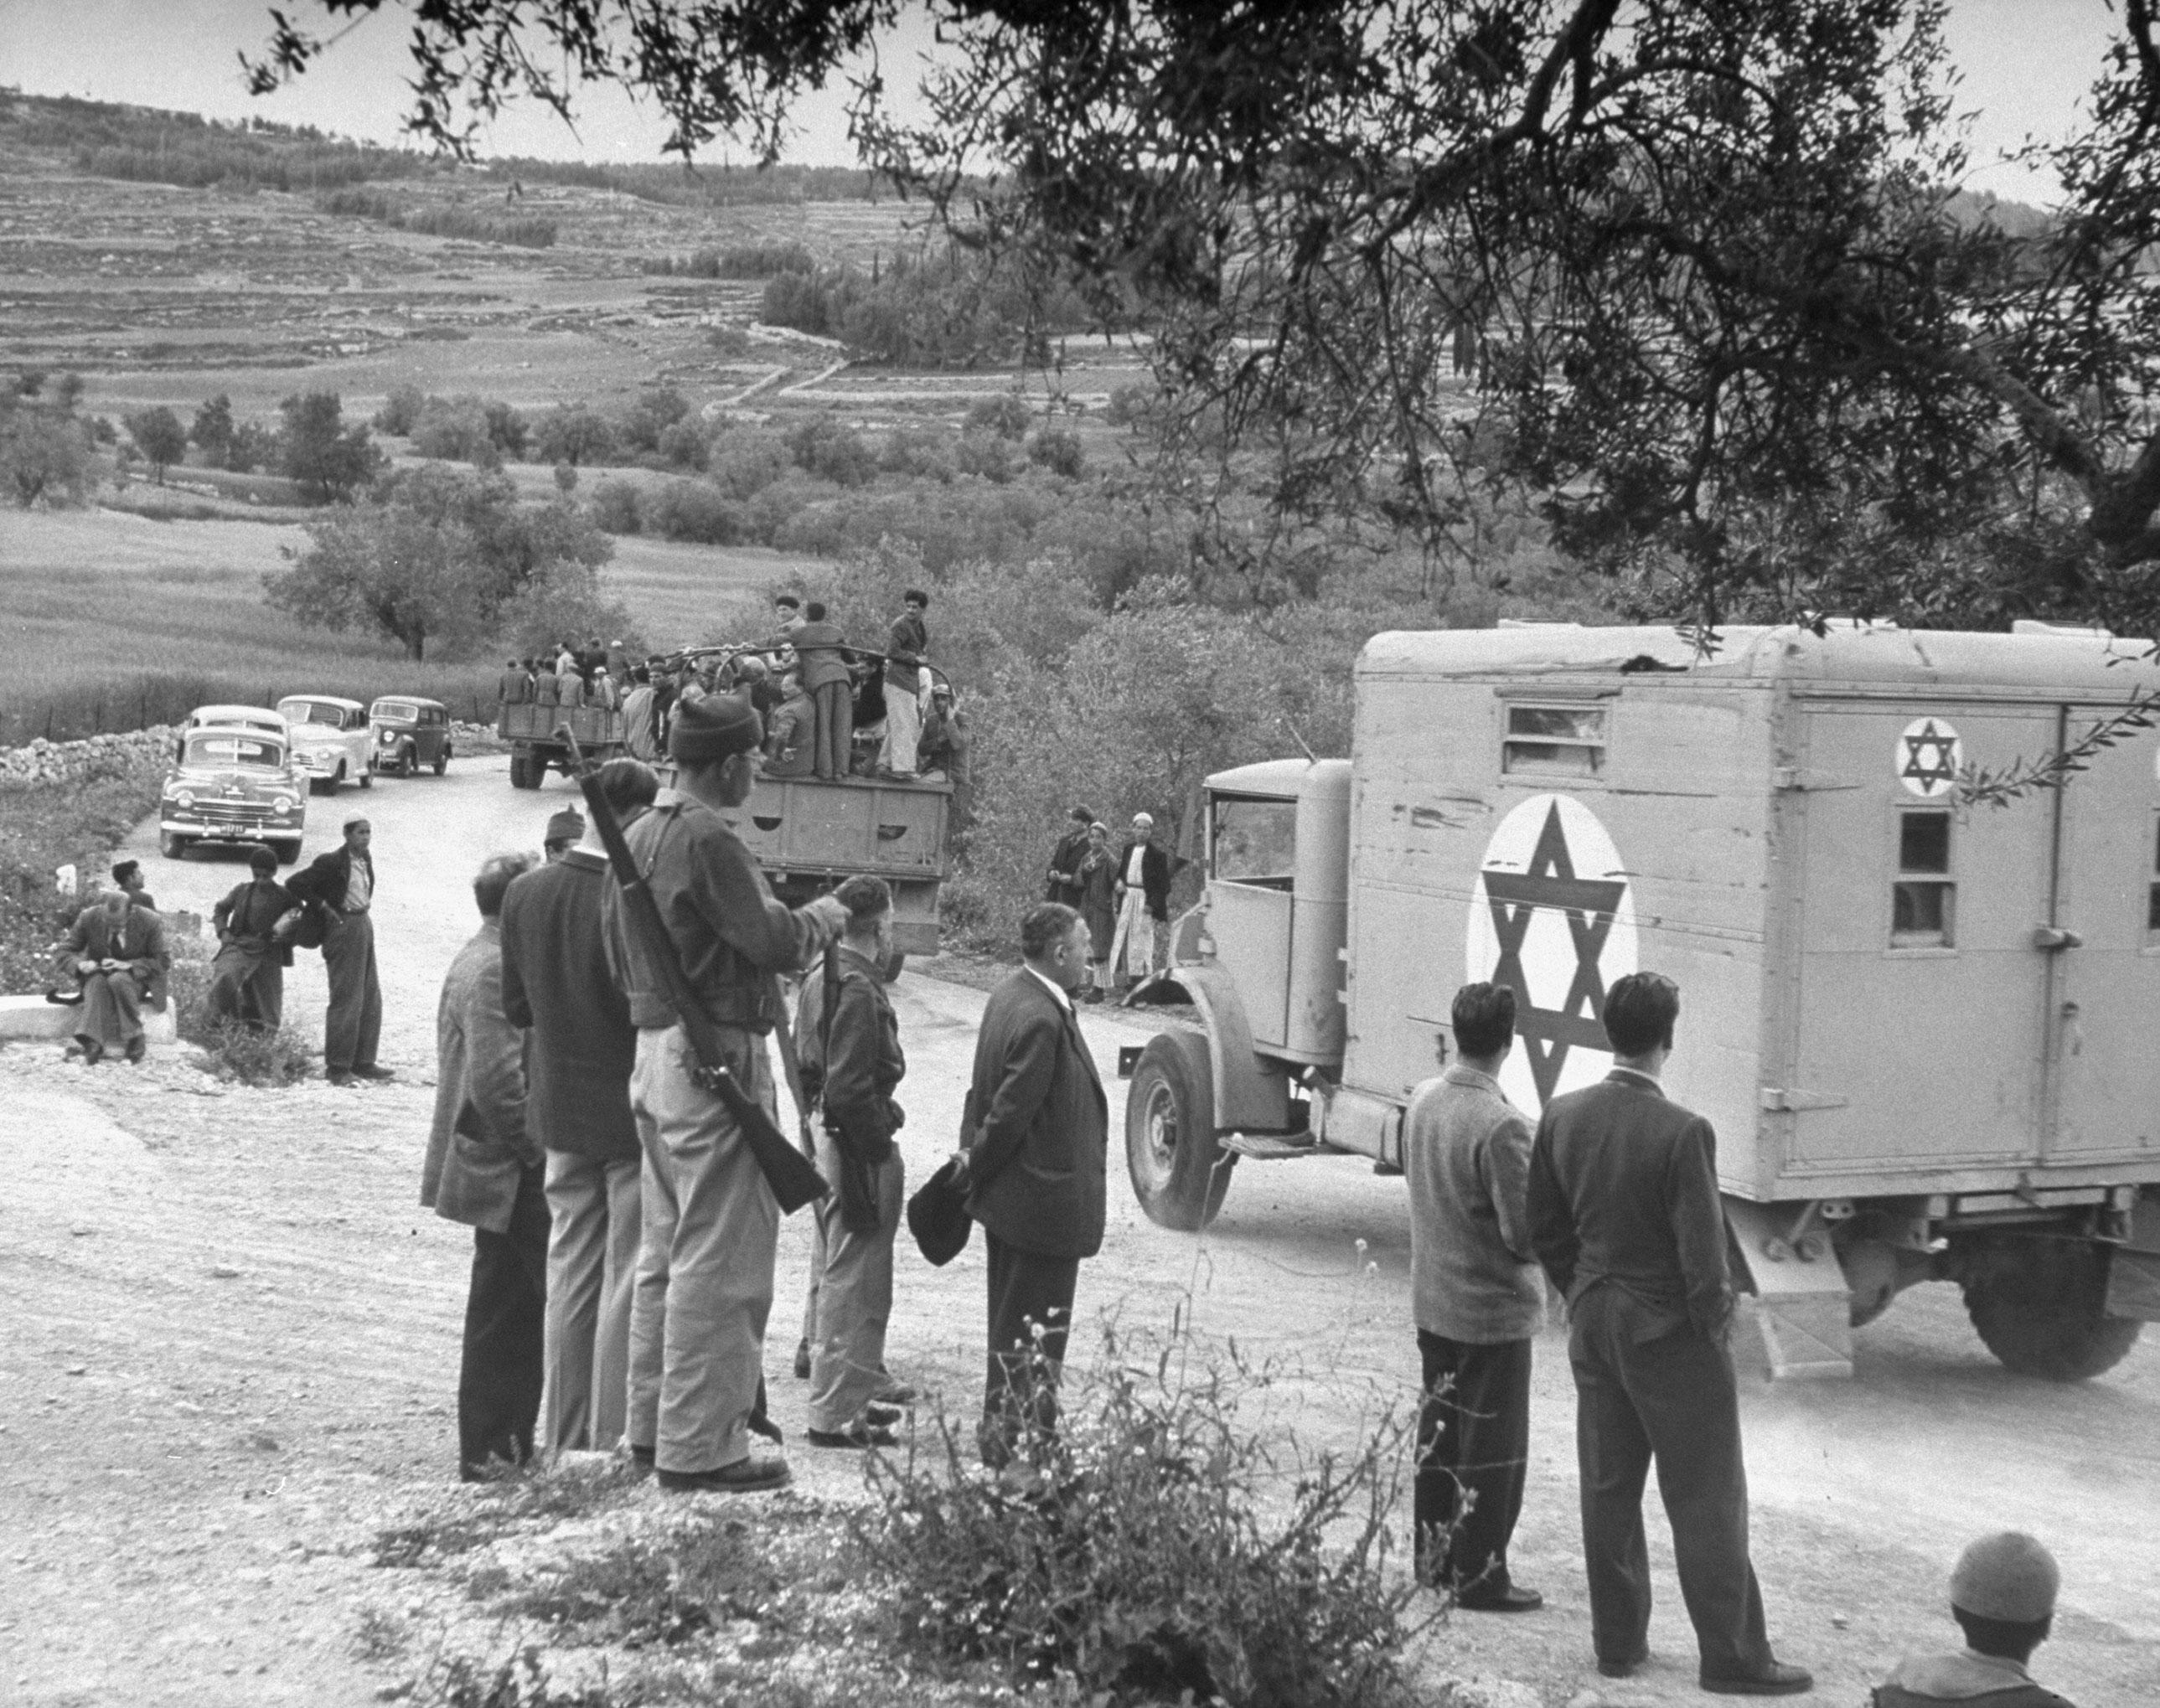 Бойцы Хаганы показывают, где вступили в бой с арабами на шоссе Иерусалим-Тель-Авив возле Баб эль-Вад 24 марта. Отряд Армии Священной войны численностью 300 человек перехватил еврейский конвой, направлявшийся в Иерусалим с грузом продовольствия